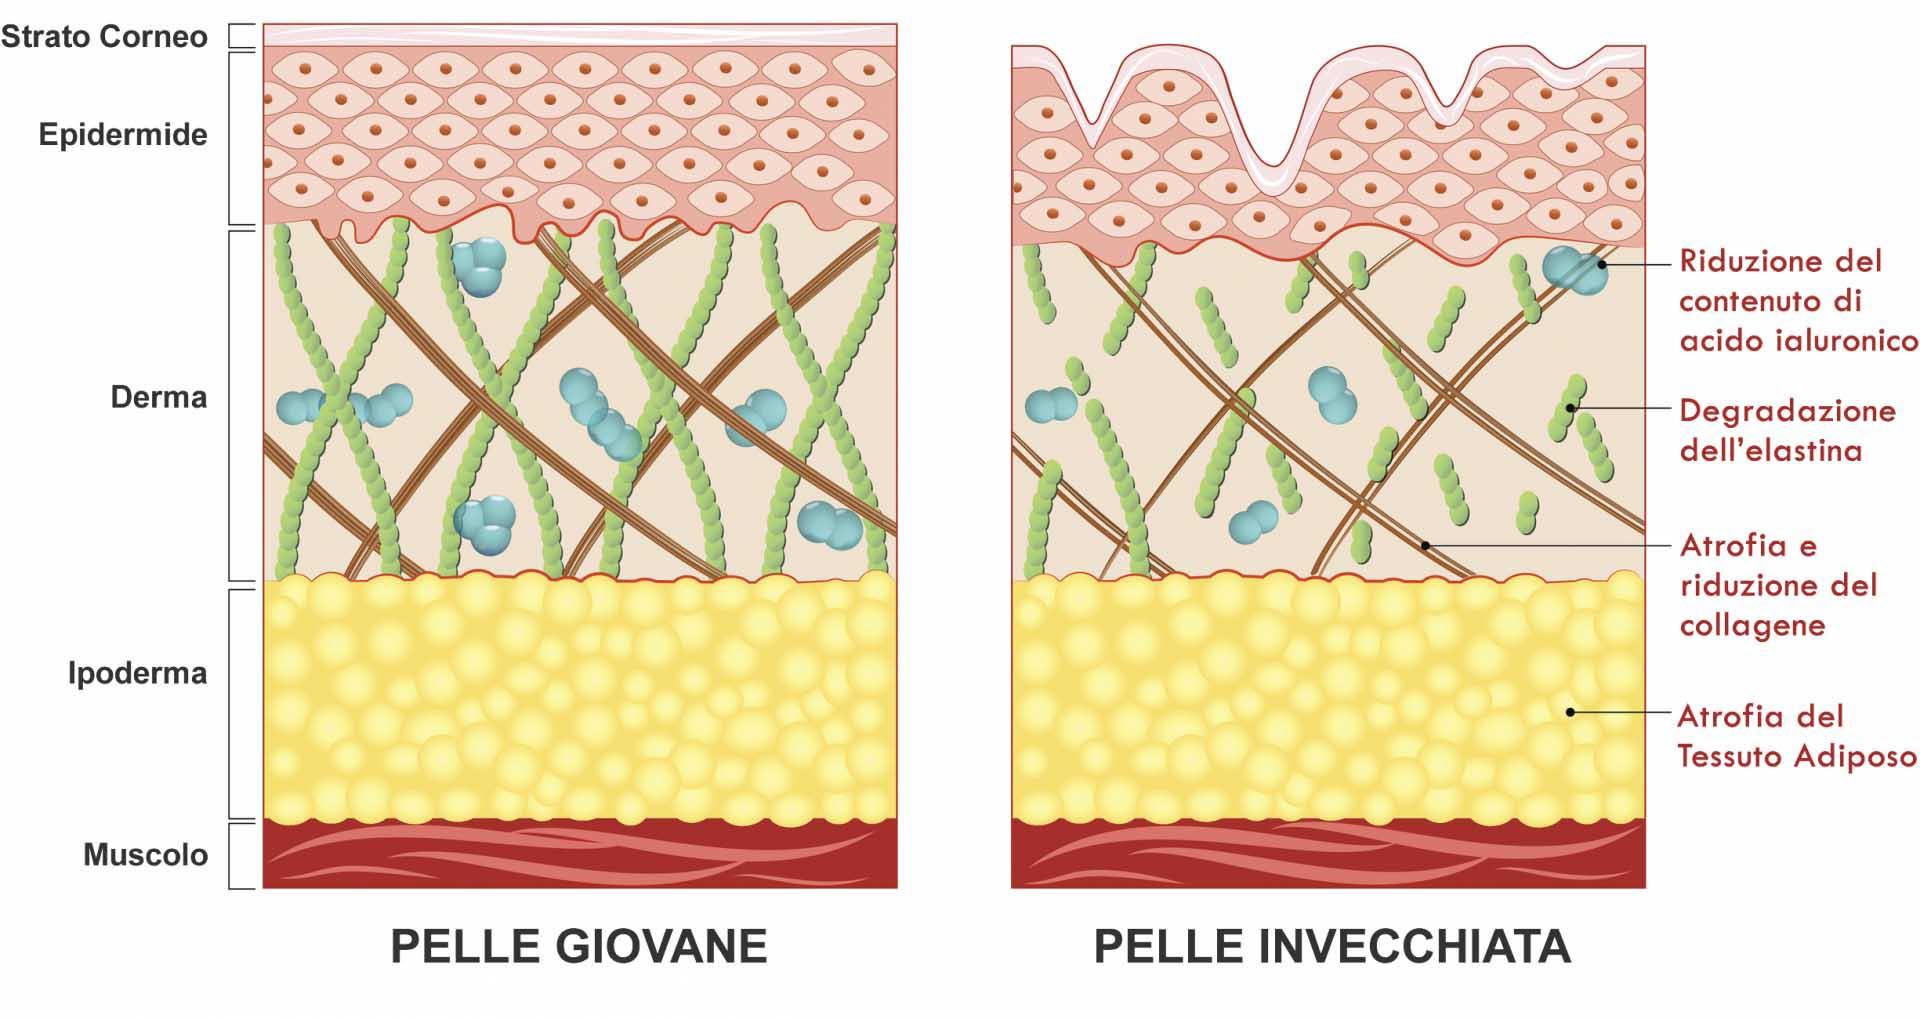 Invecchiamento Pelle - Elastina e Collagene